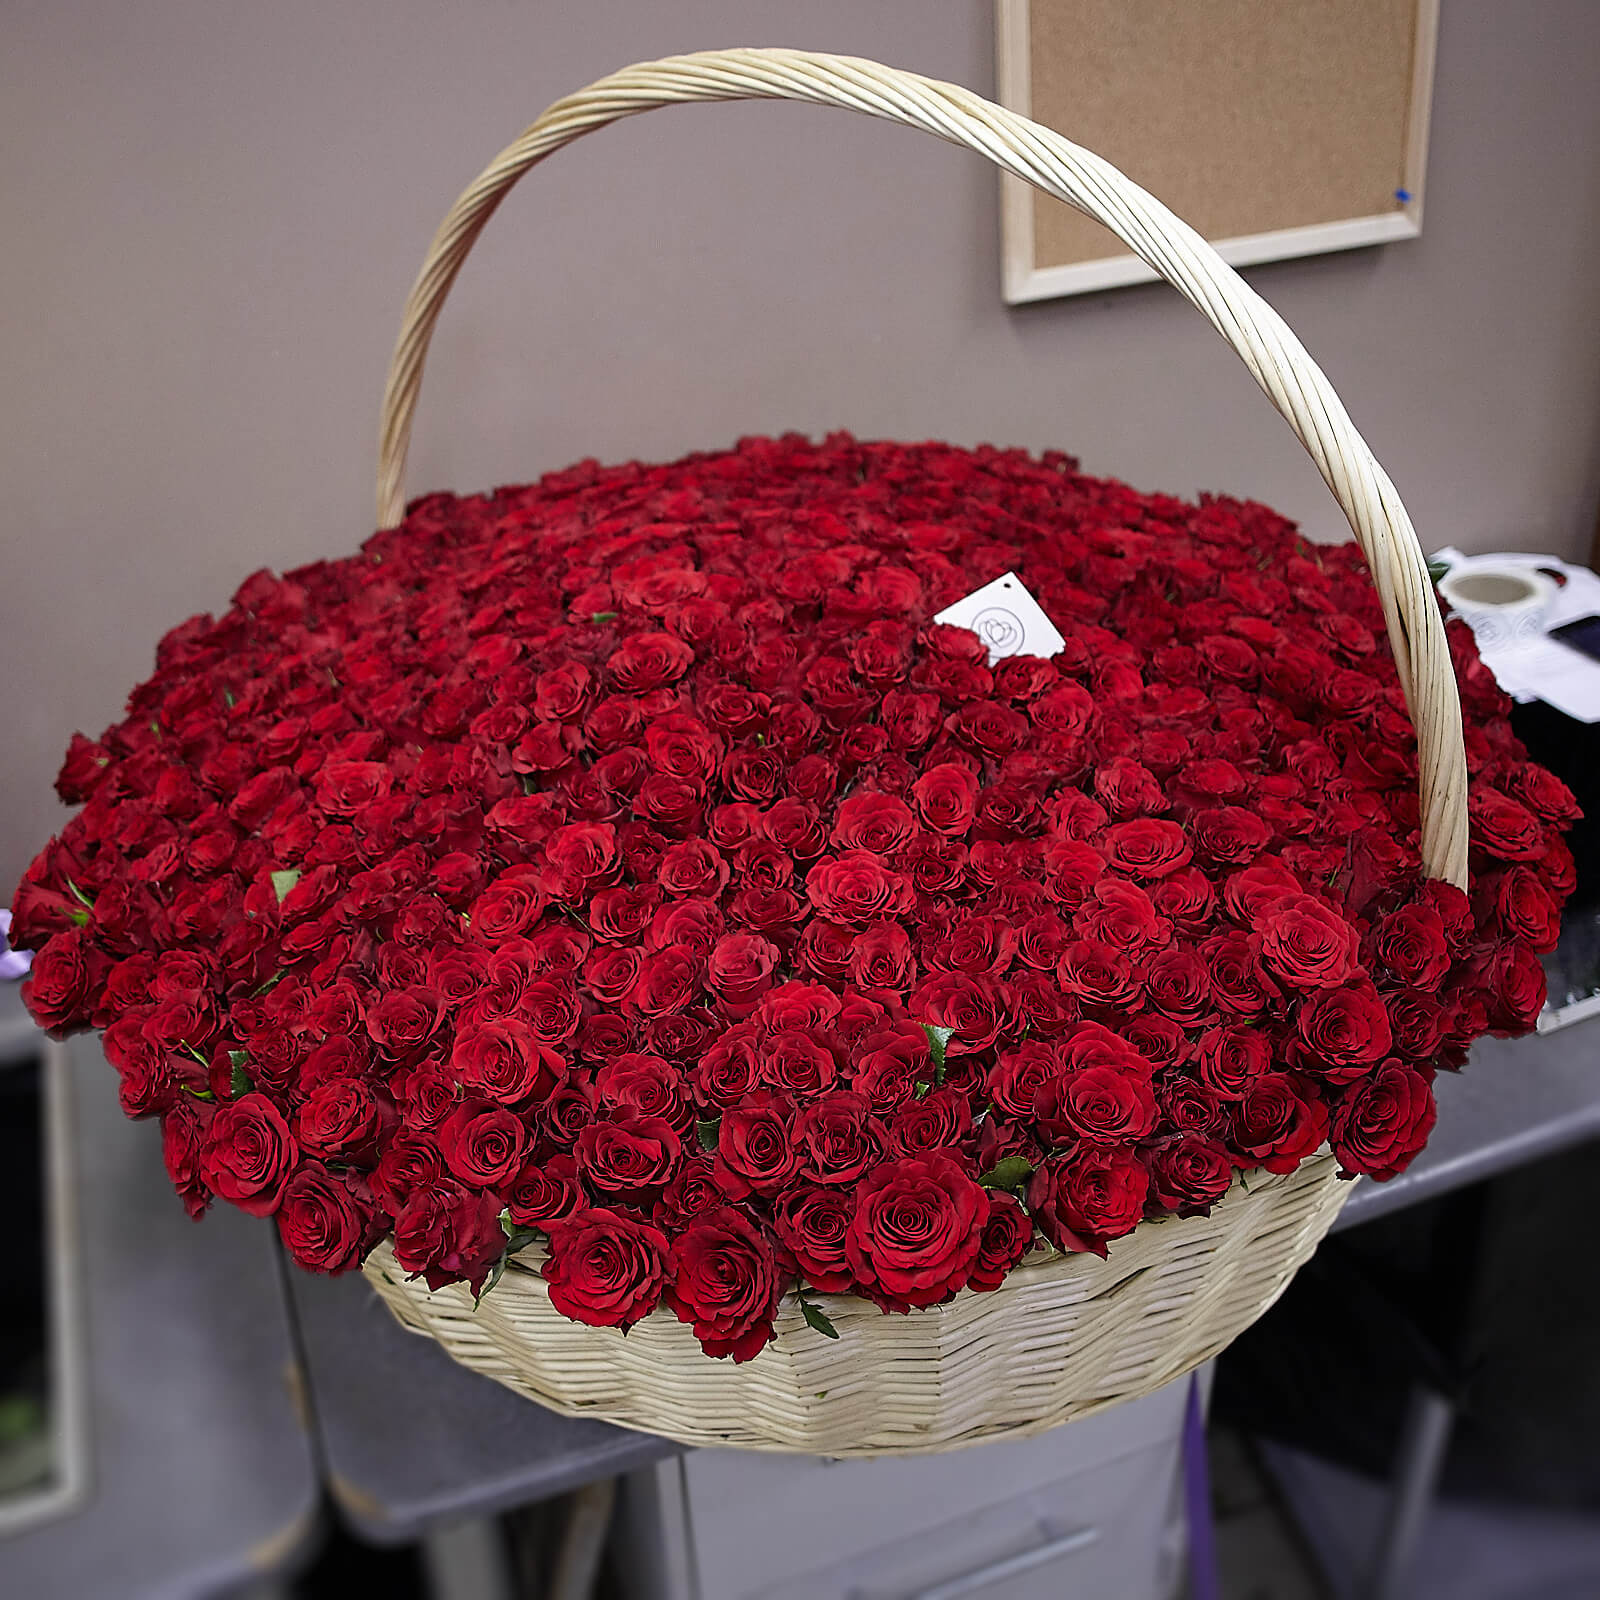 Композиция из 501 красной розы Premium 40 см в корзине фото